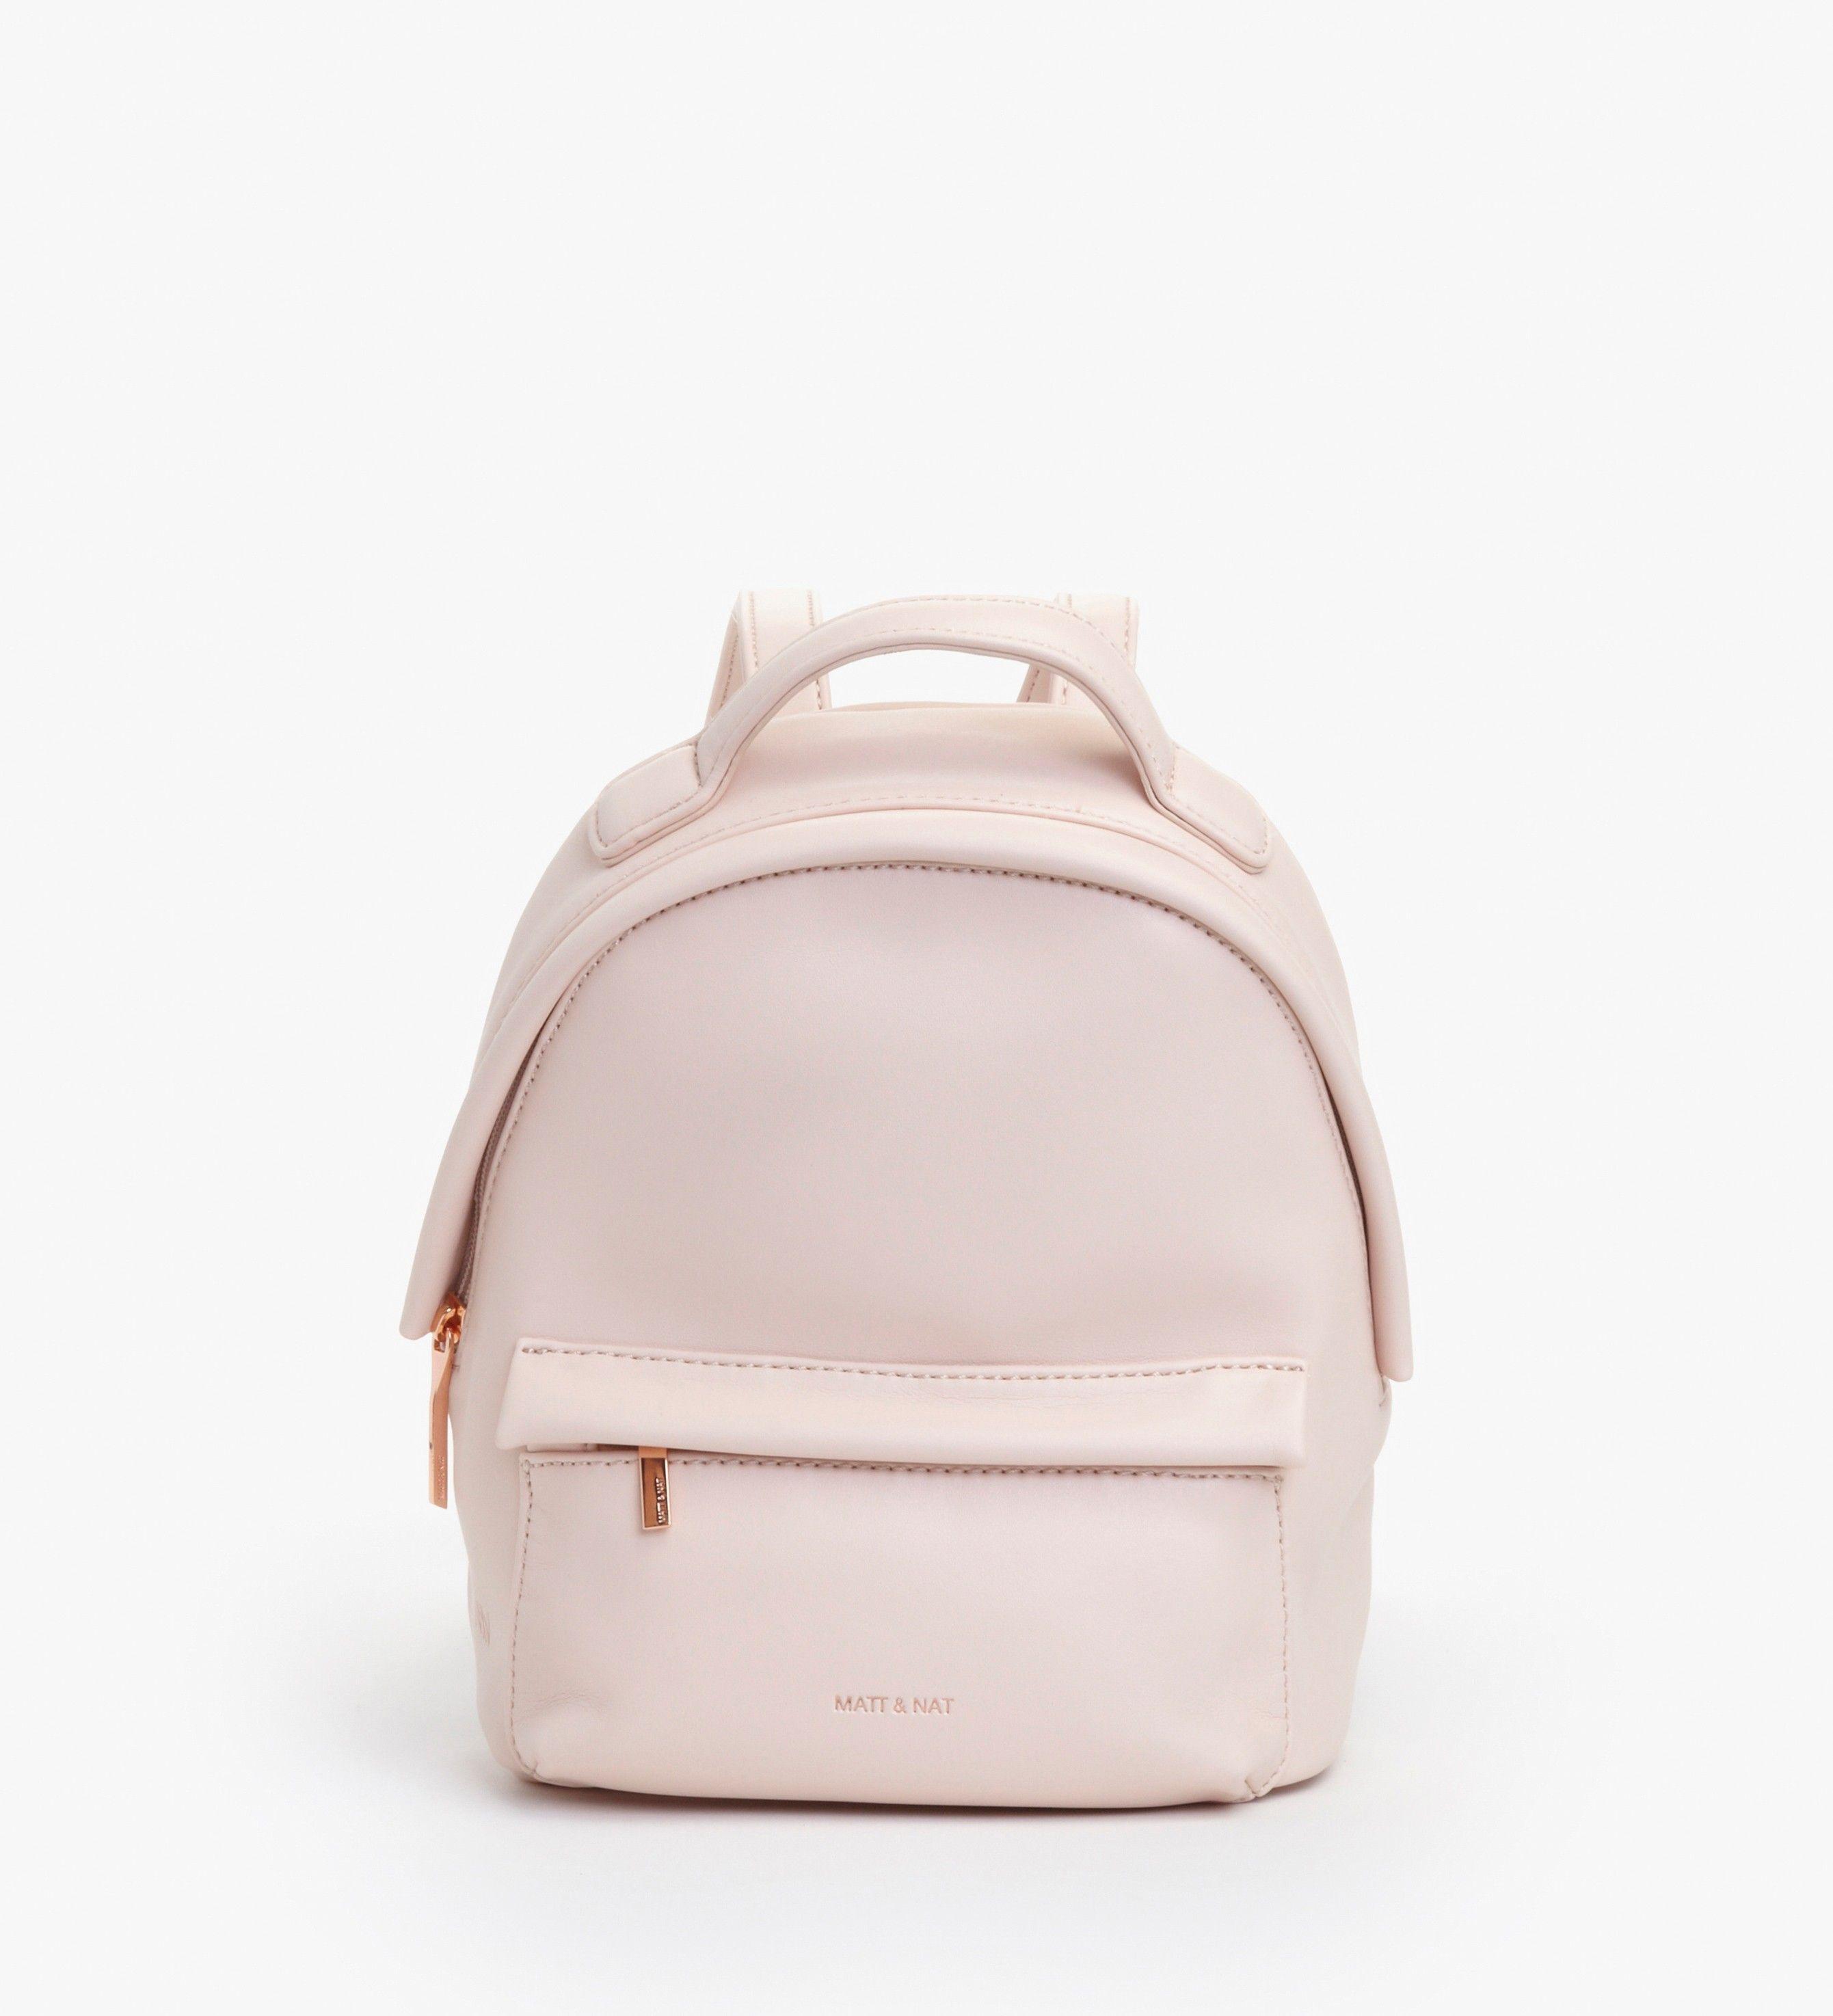 aa1fd094a2b7 Fashion backpacks